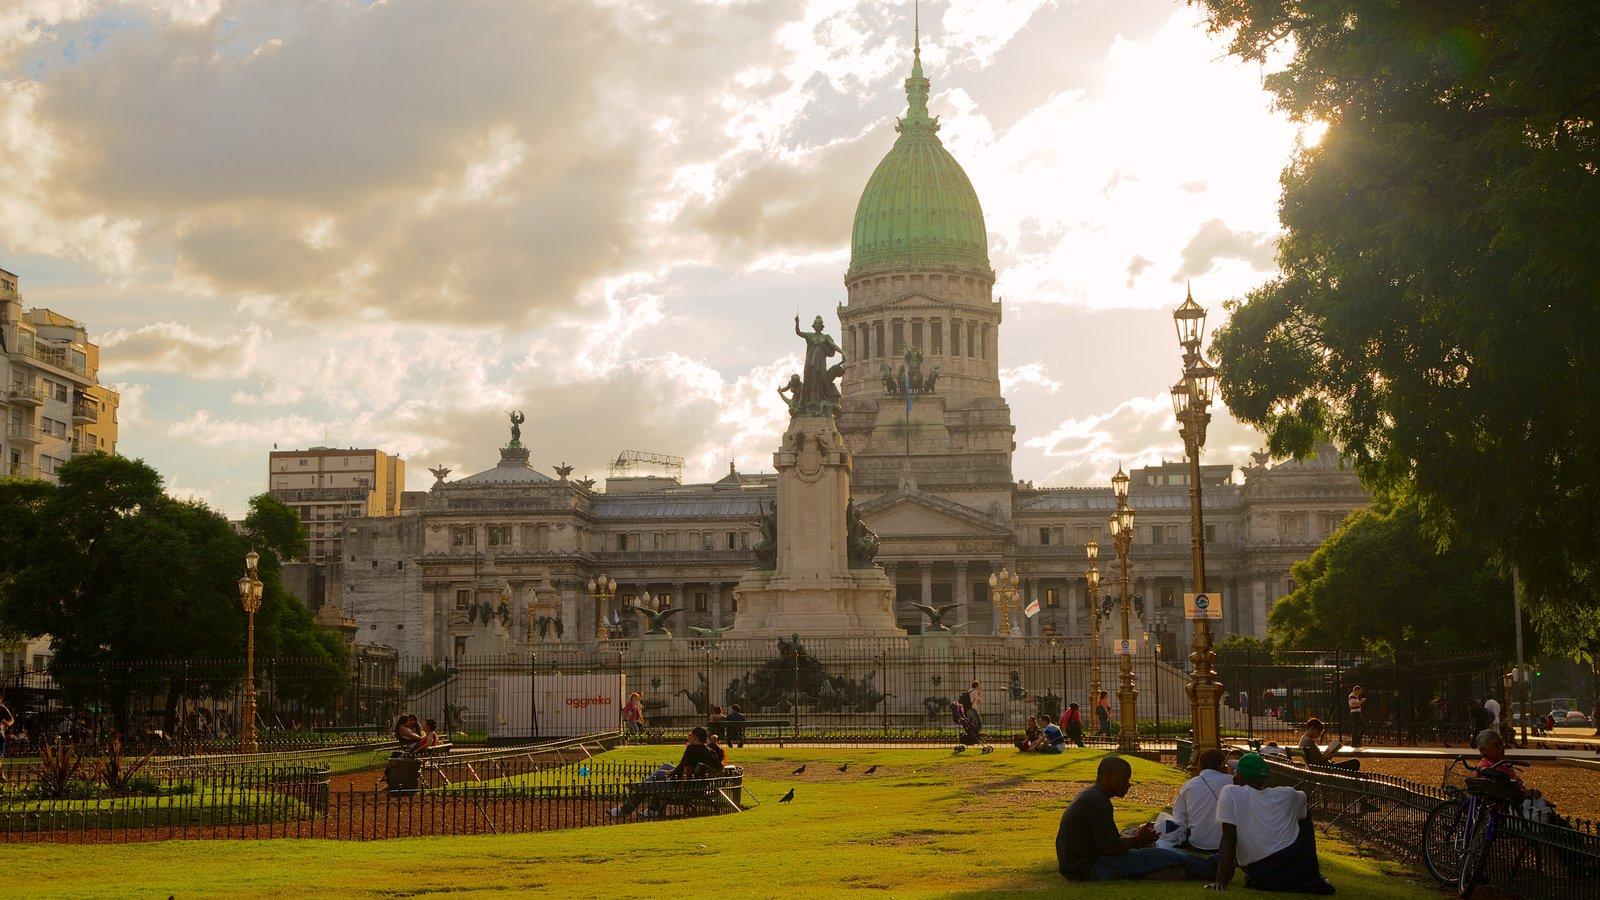 Congresso da Nação Argentina mostrando arquitetura de patrimônio e um jardim